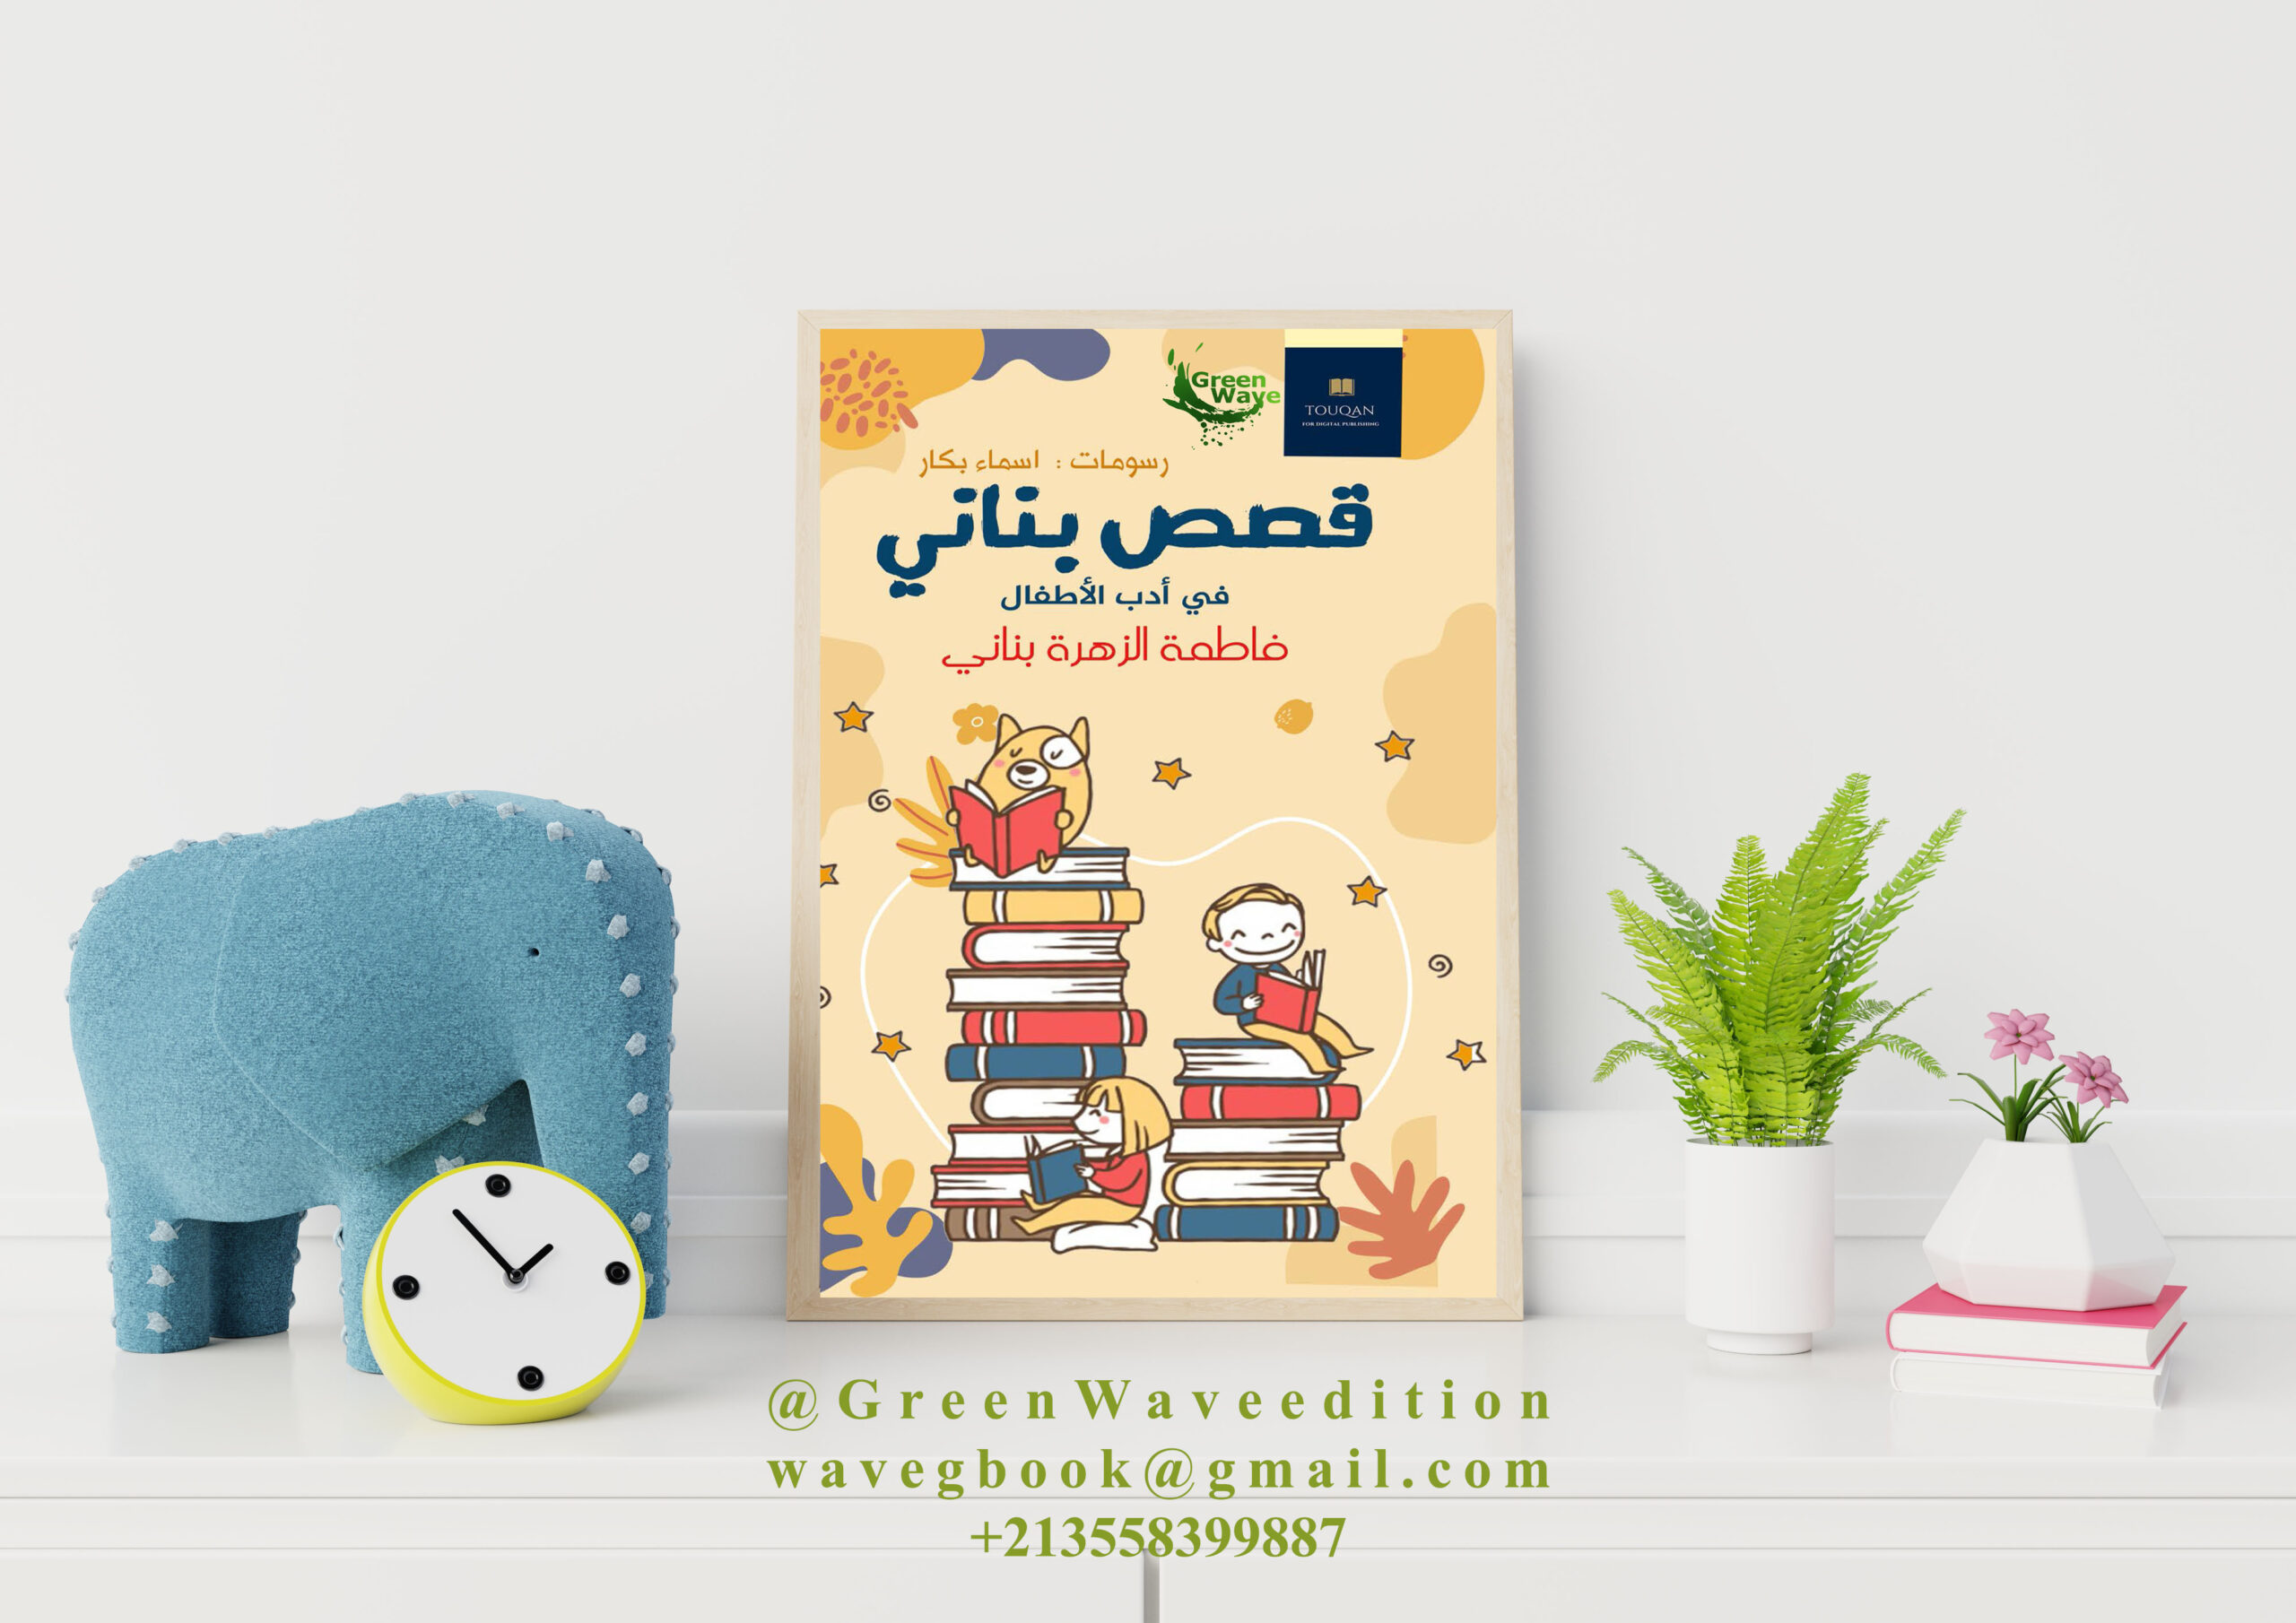 قصص بناني في أدب الأطفال للكاتبة التونسية فاطمة الزهرة بناني